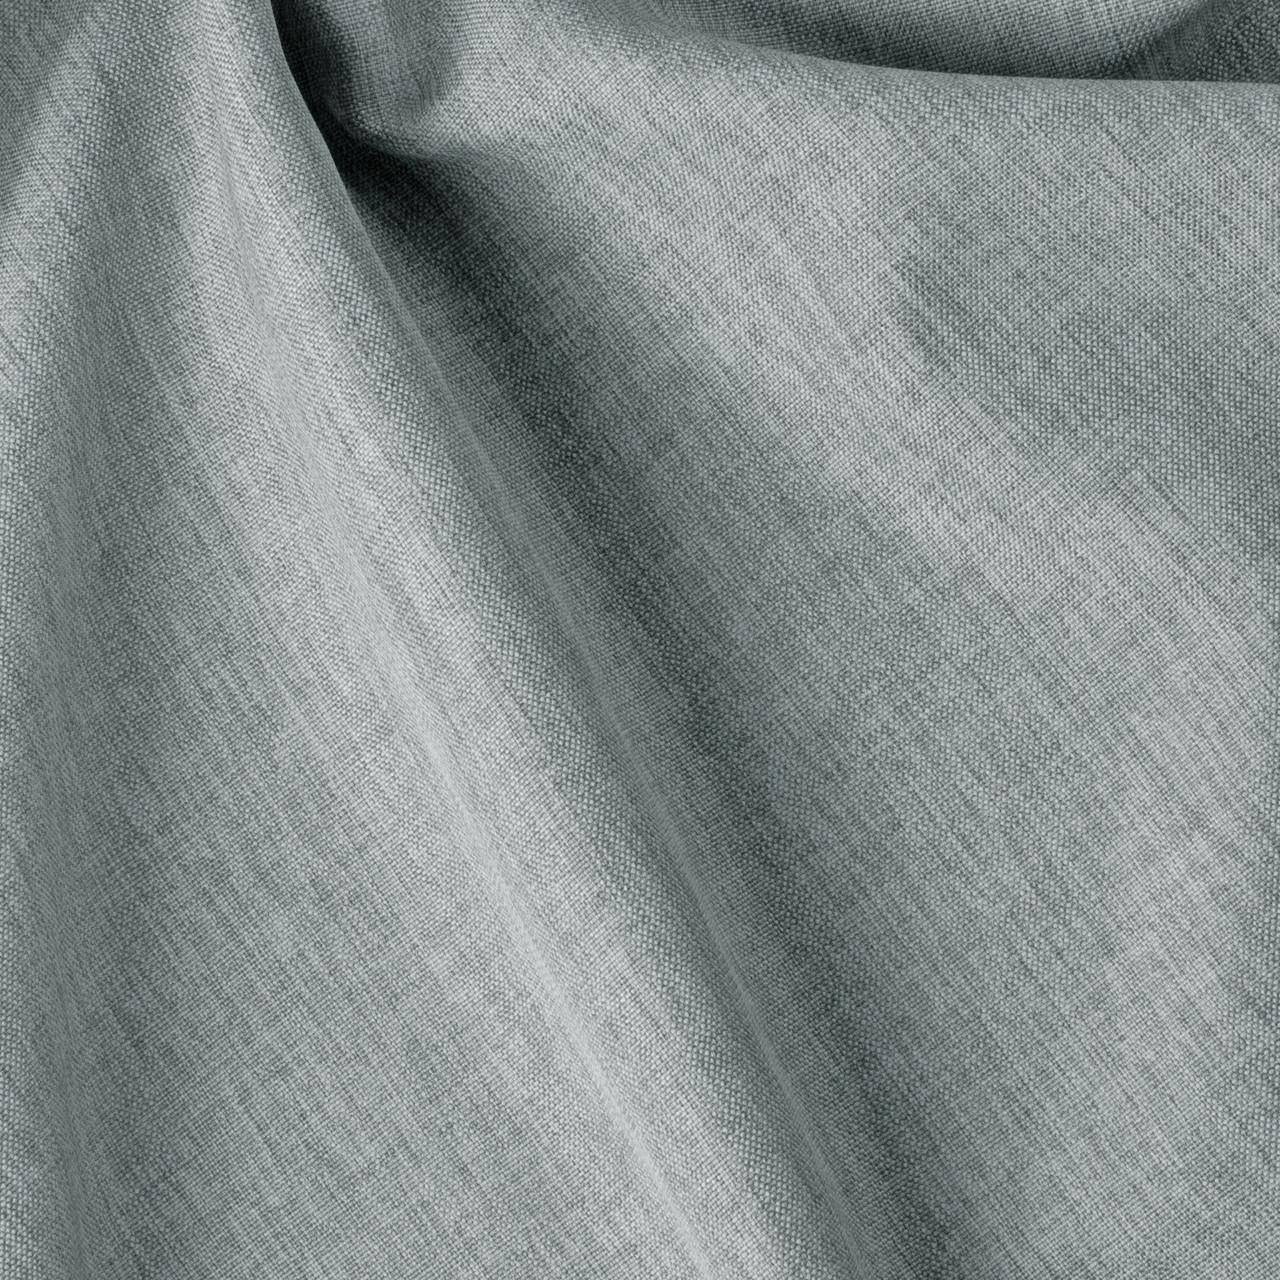 Декоративная однотонная ткань рогожка серая 300см 84467v22